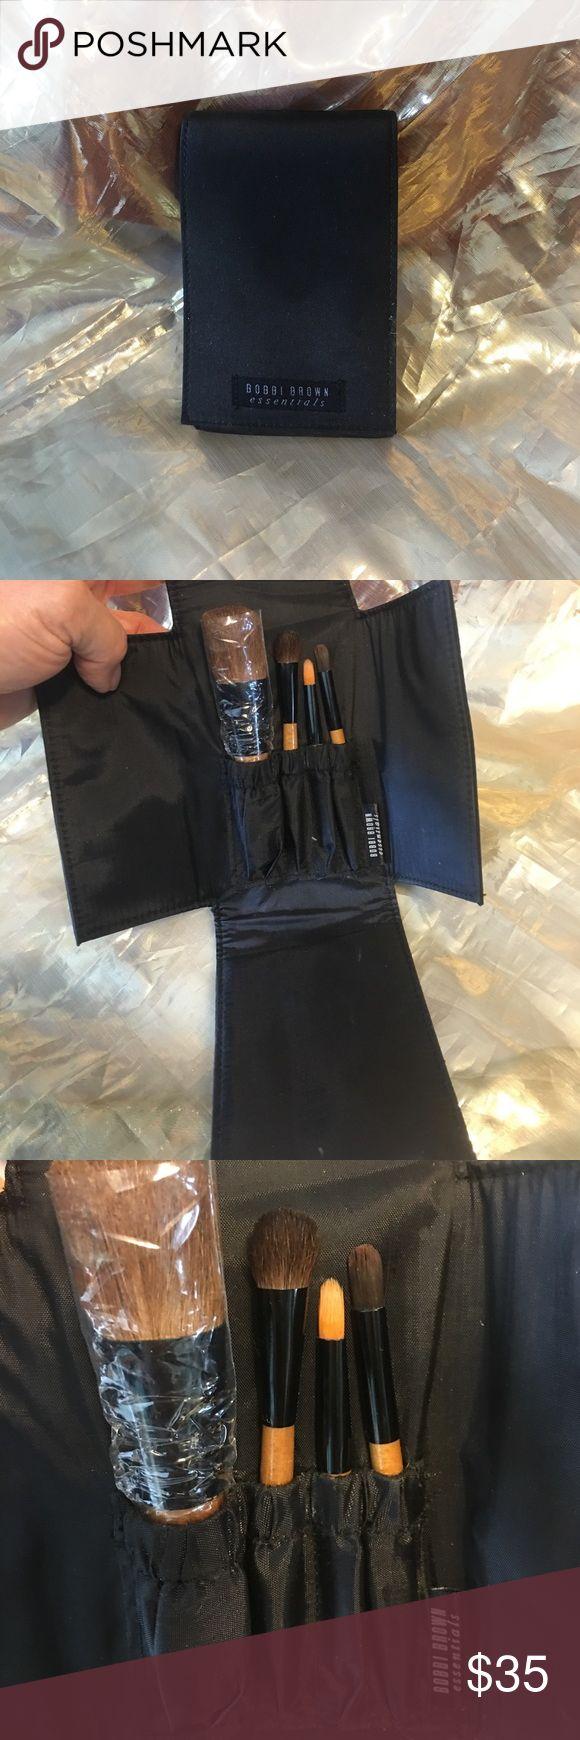 Bobbi Brown brush set Cool brush set with 4 brushes vintage Bobbi Bobbi Brown Makeup Brushes & Tools